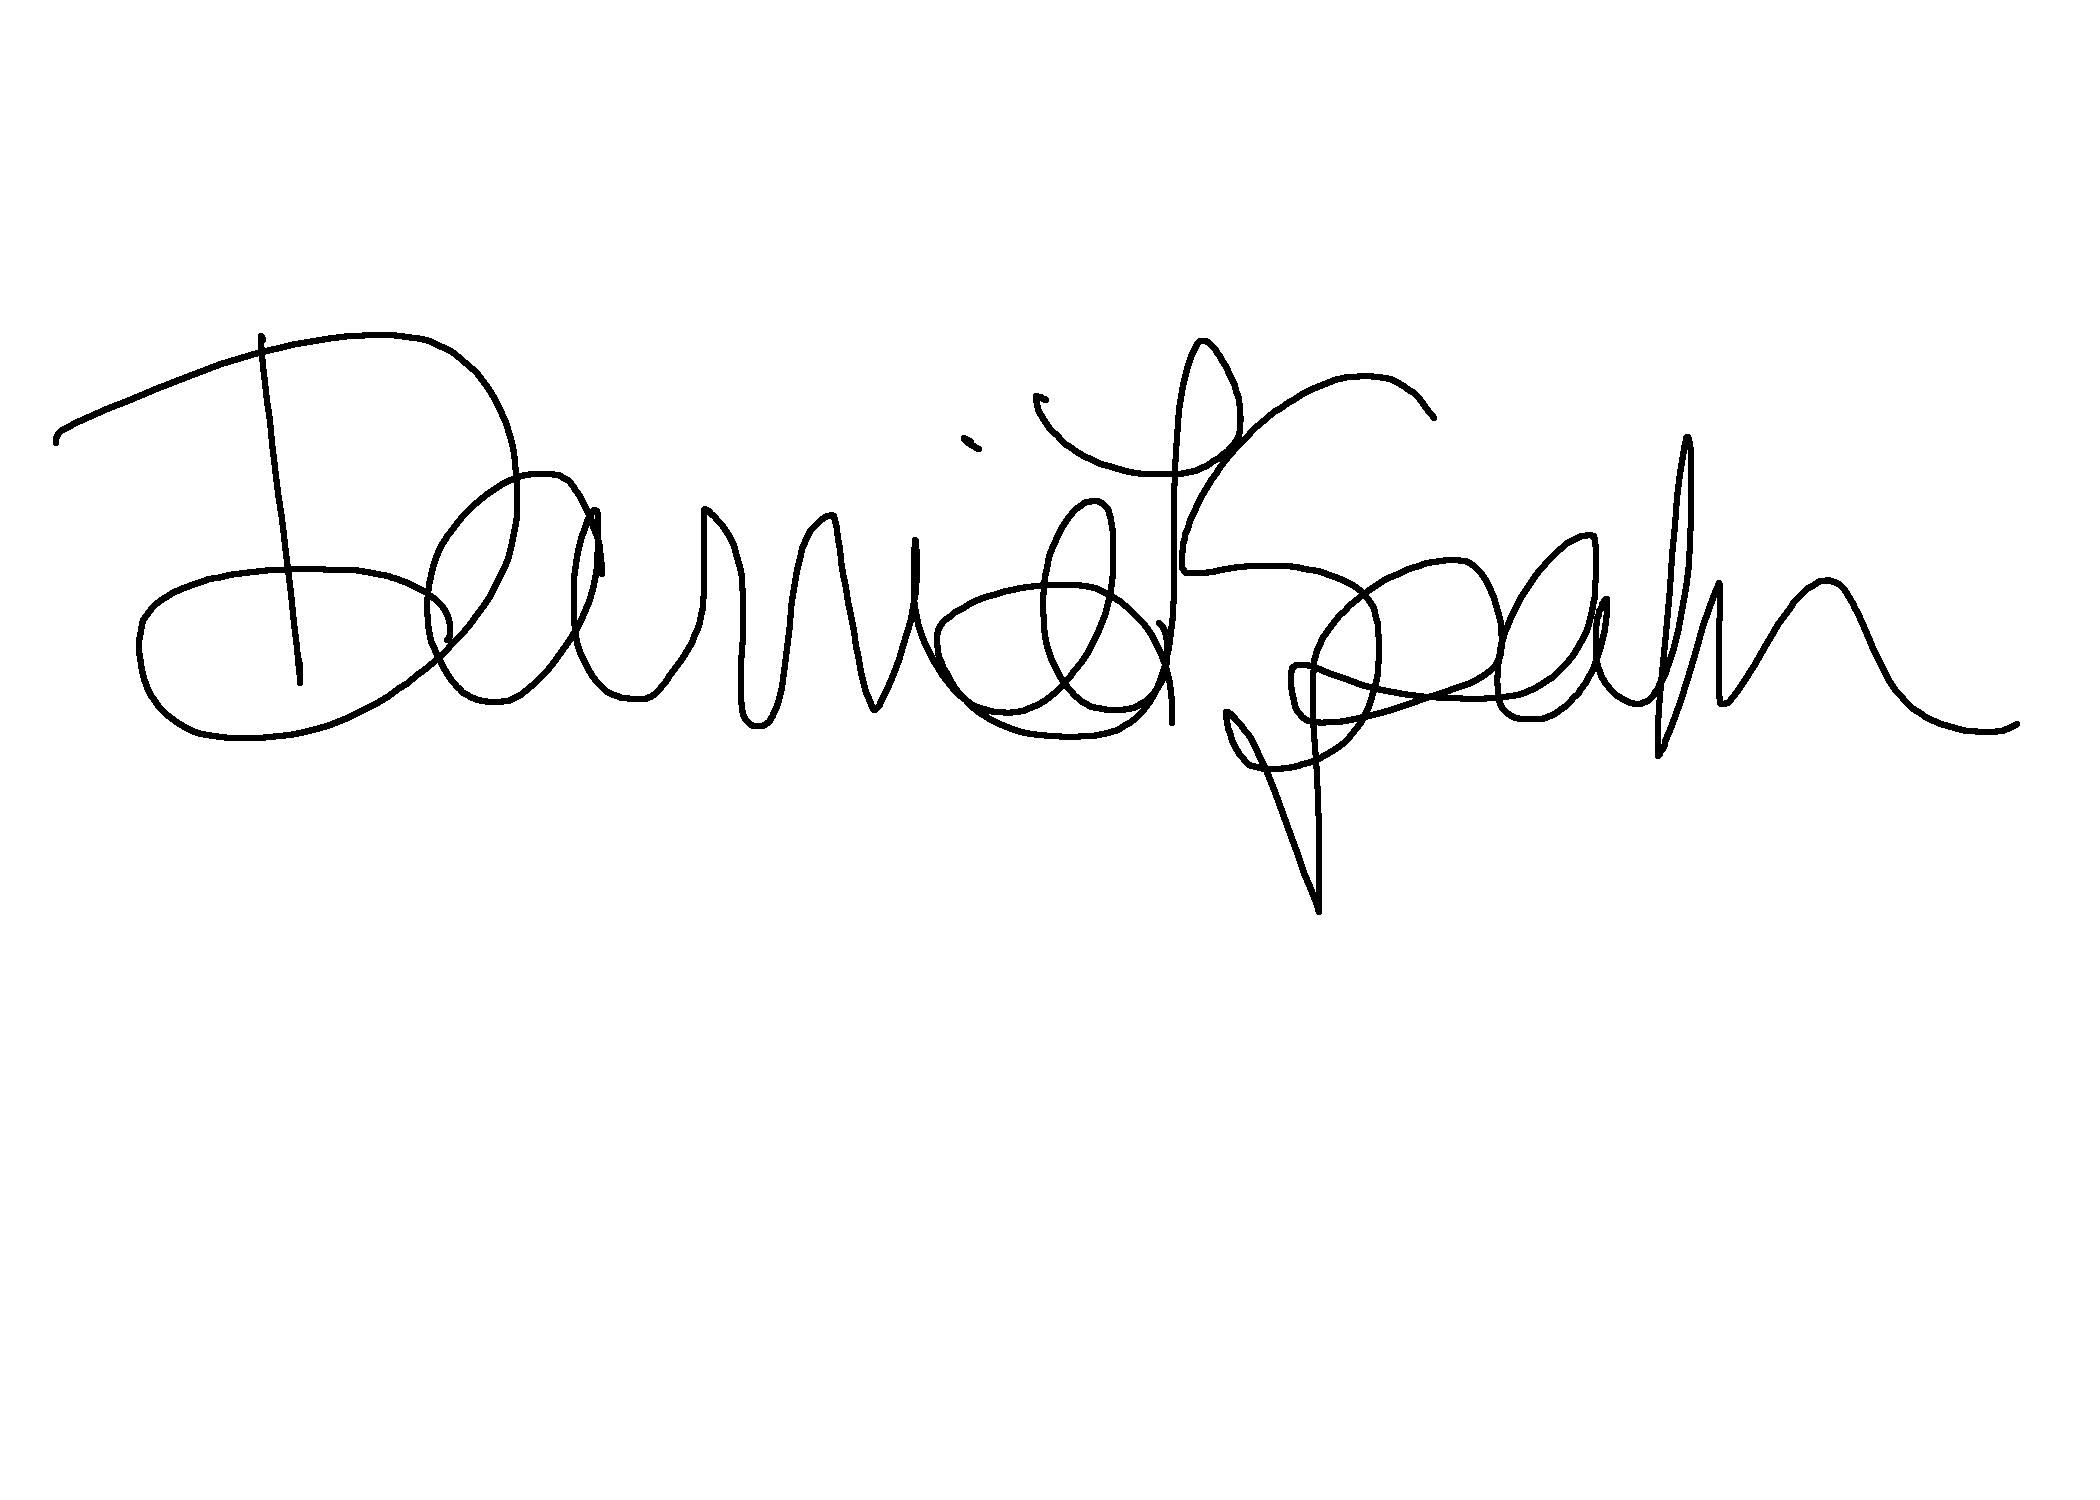 Darrie Spahr's Signature